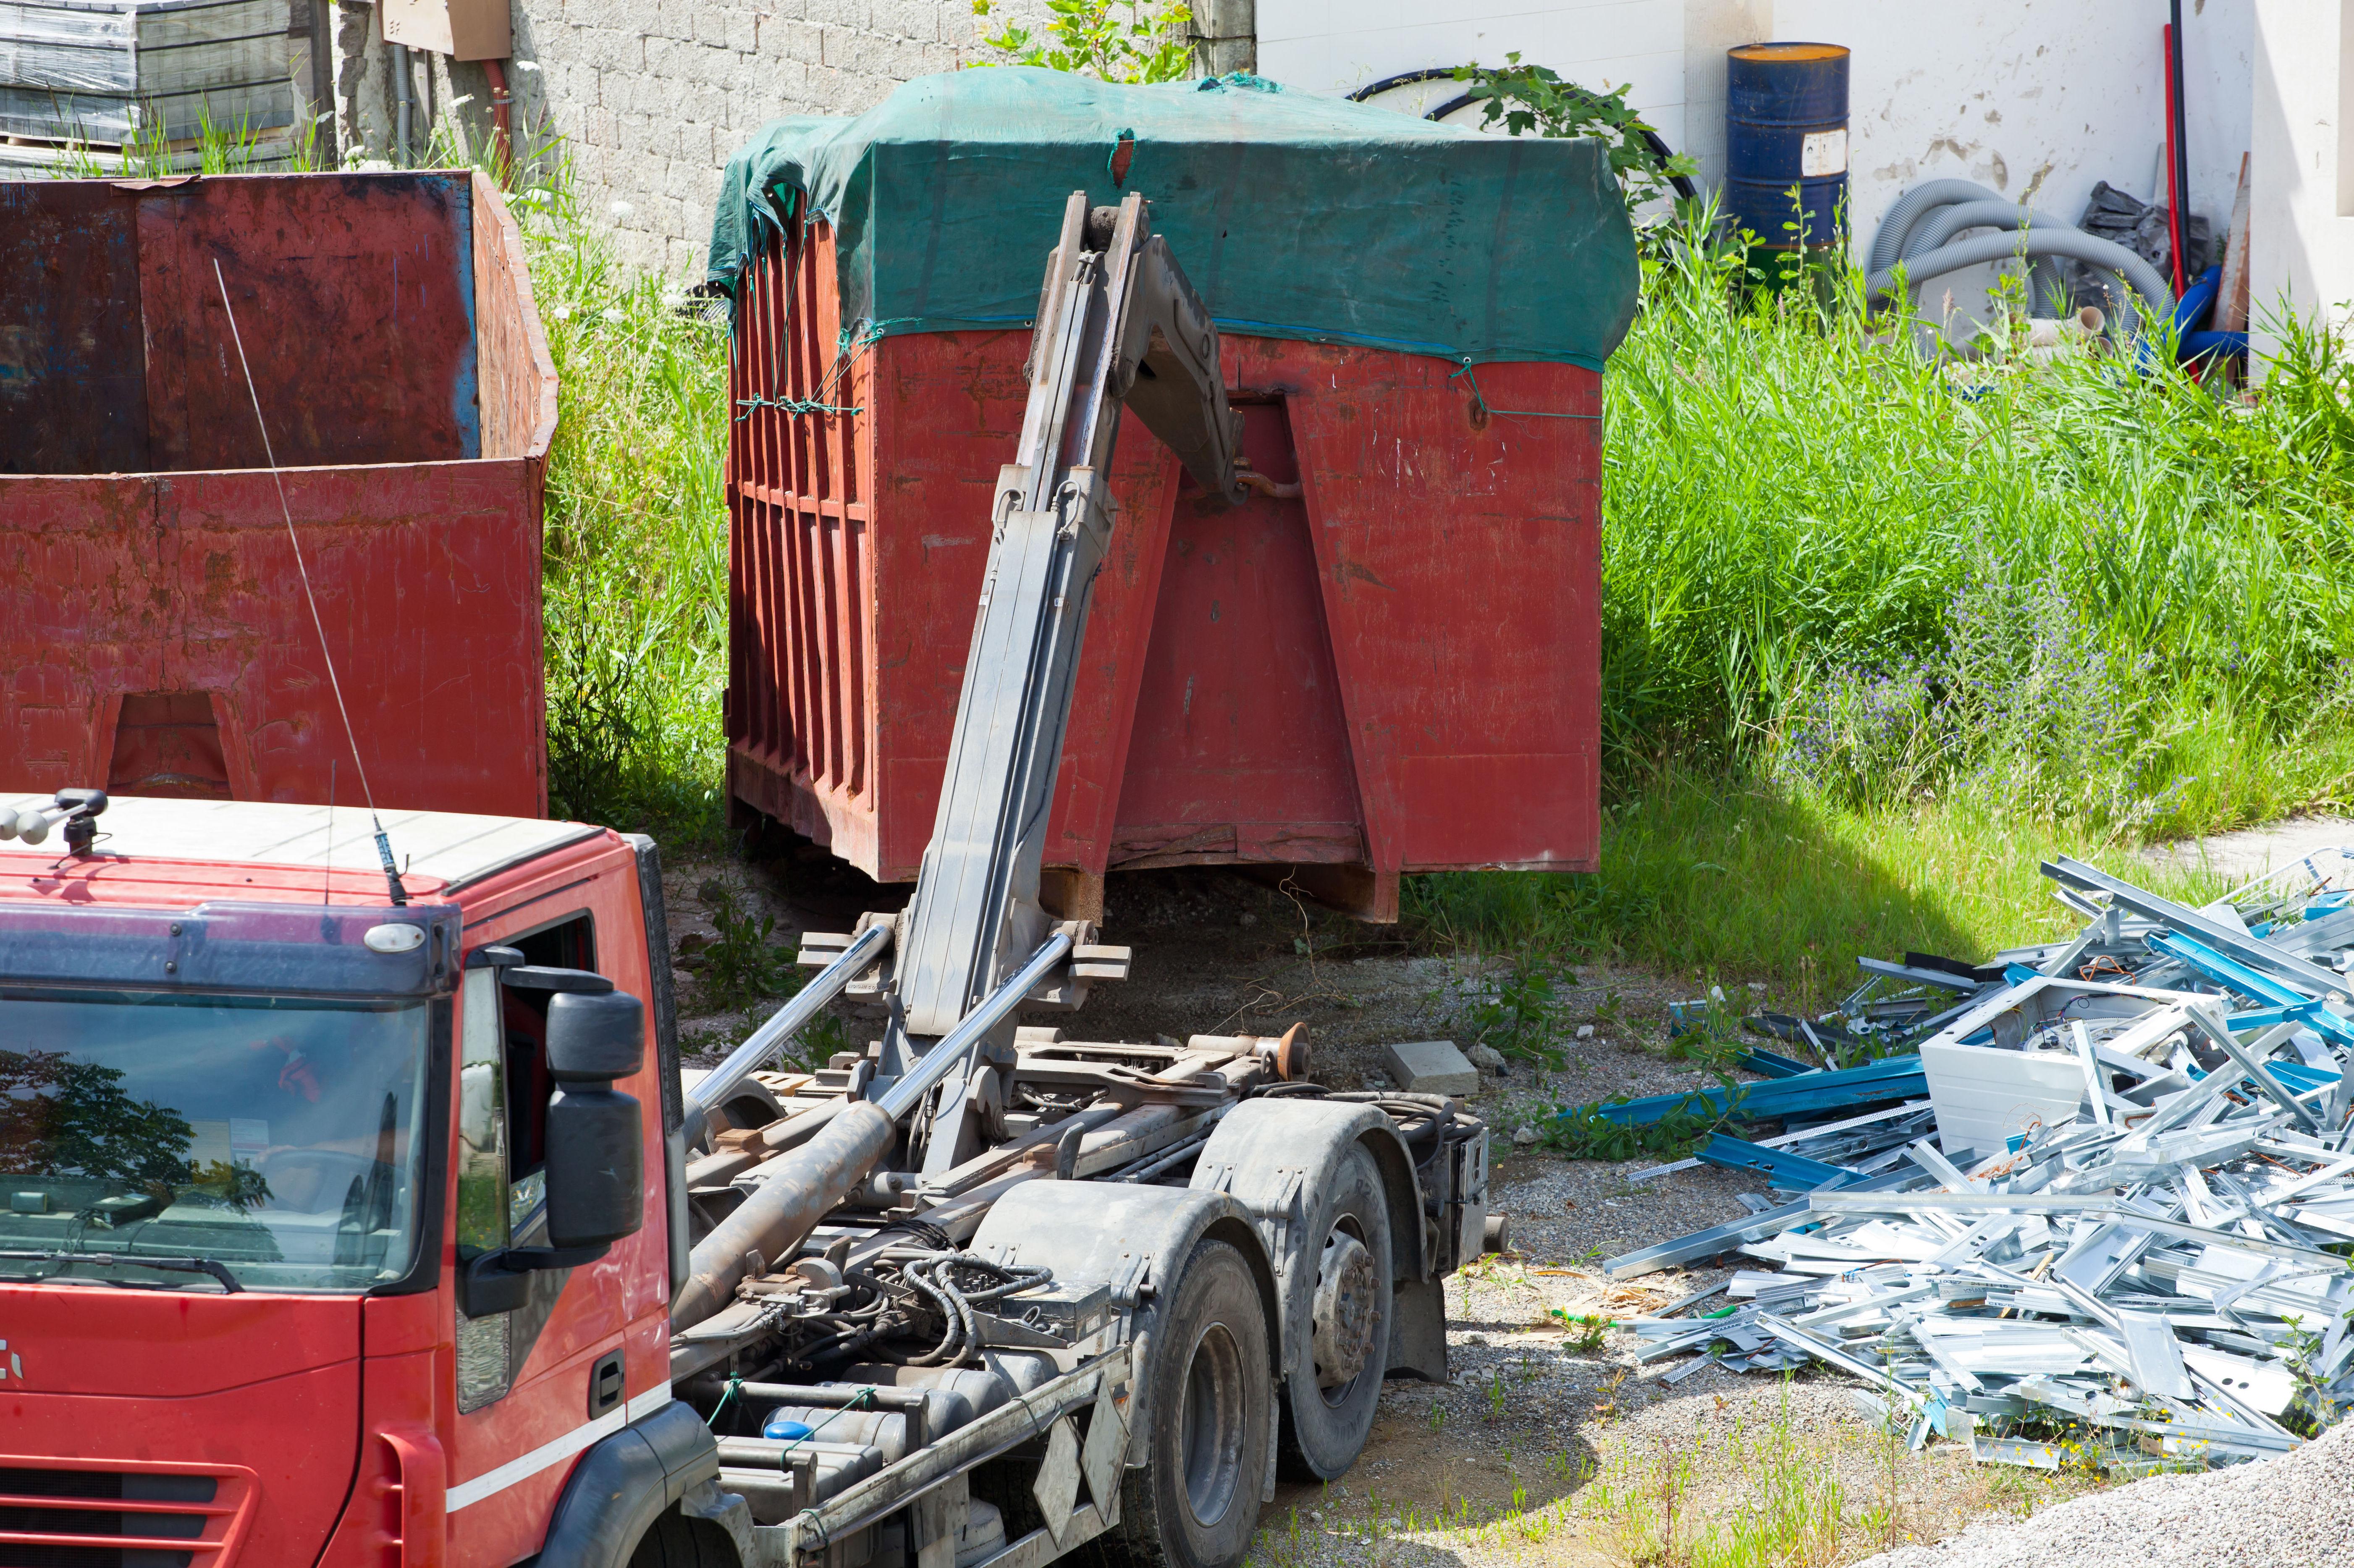 Camiones grúa : Servicios de Materiales de construcción Juan Gómez, S. L.